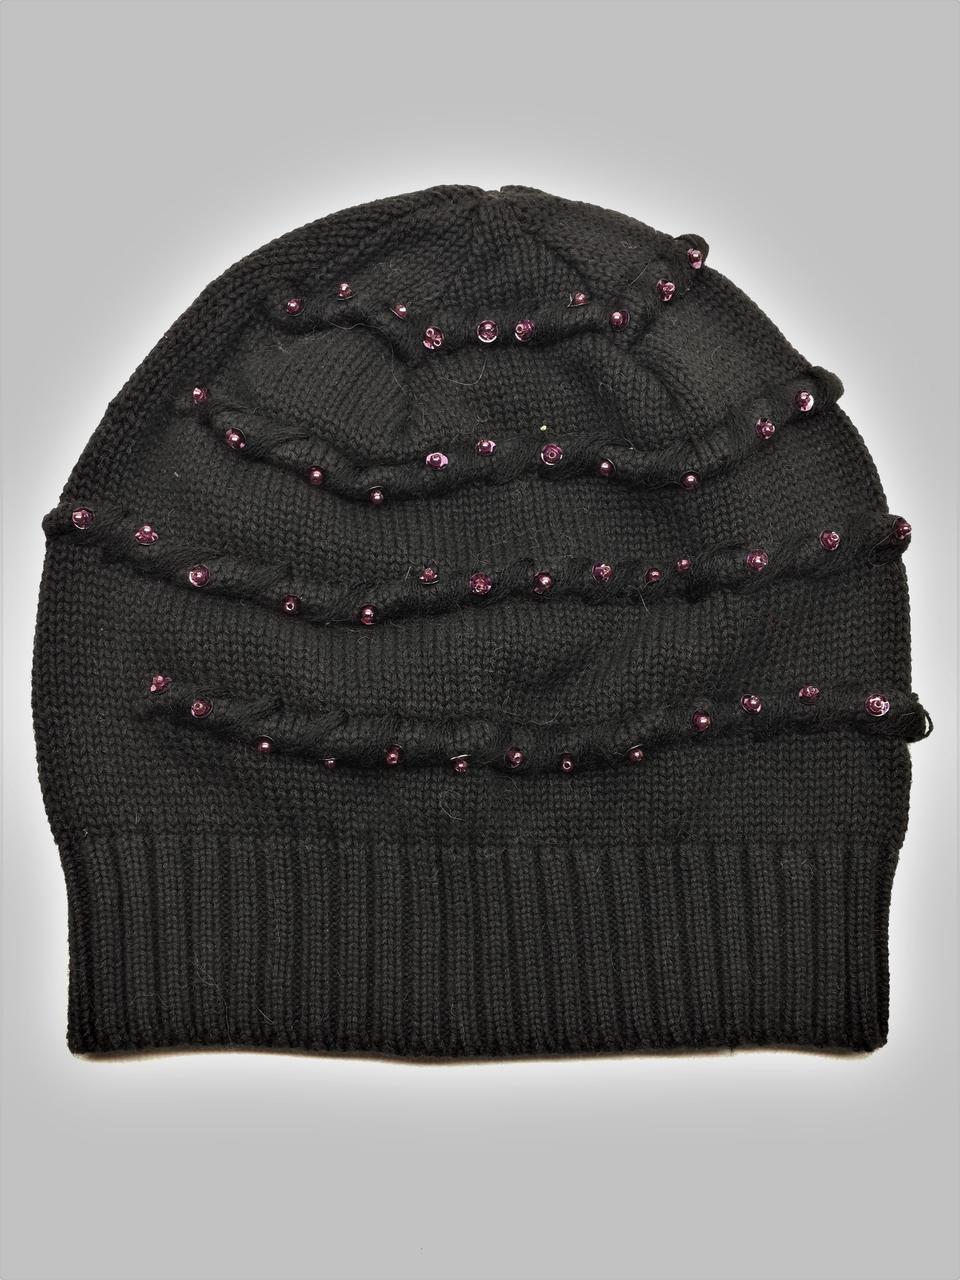 Тонкая шапка Mollin 1216 One Size черная